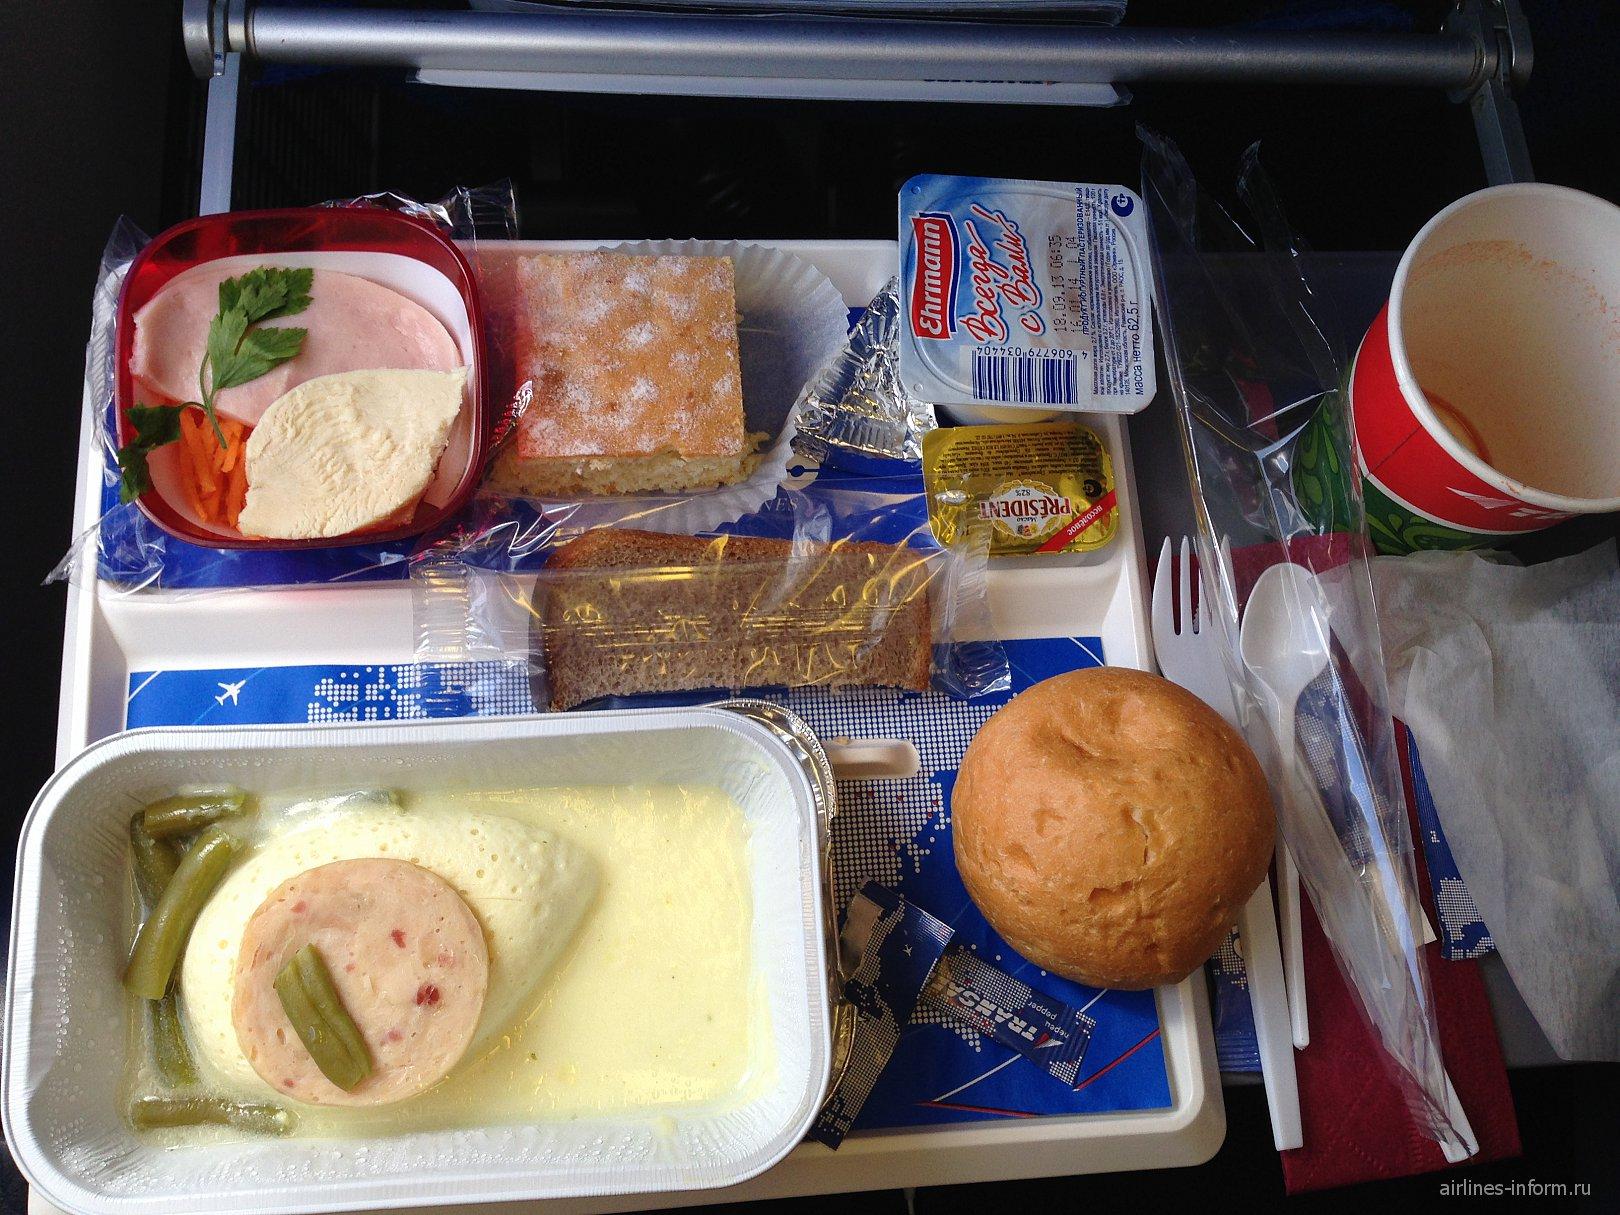 Питание на рейсе Новосибирск-Москва авиакомпании Трансаэро